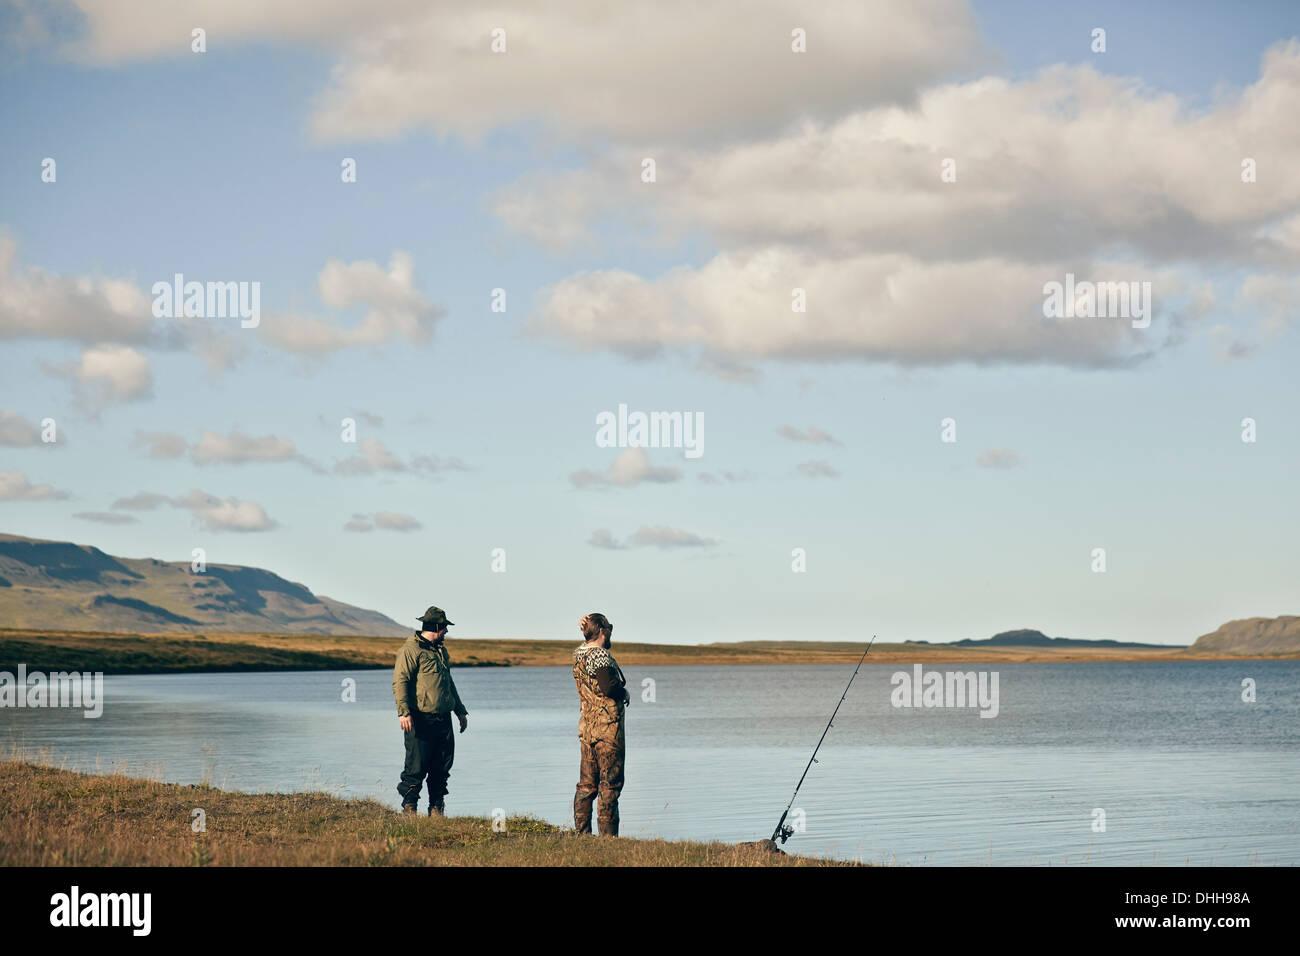 Les hommes sur voyage de pêche Photo Stock